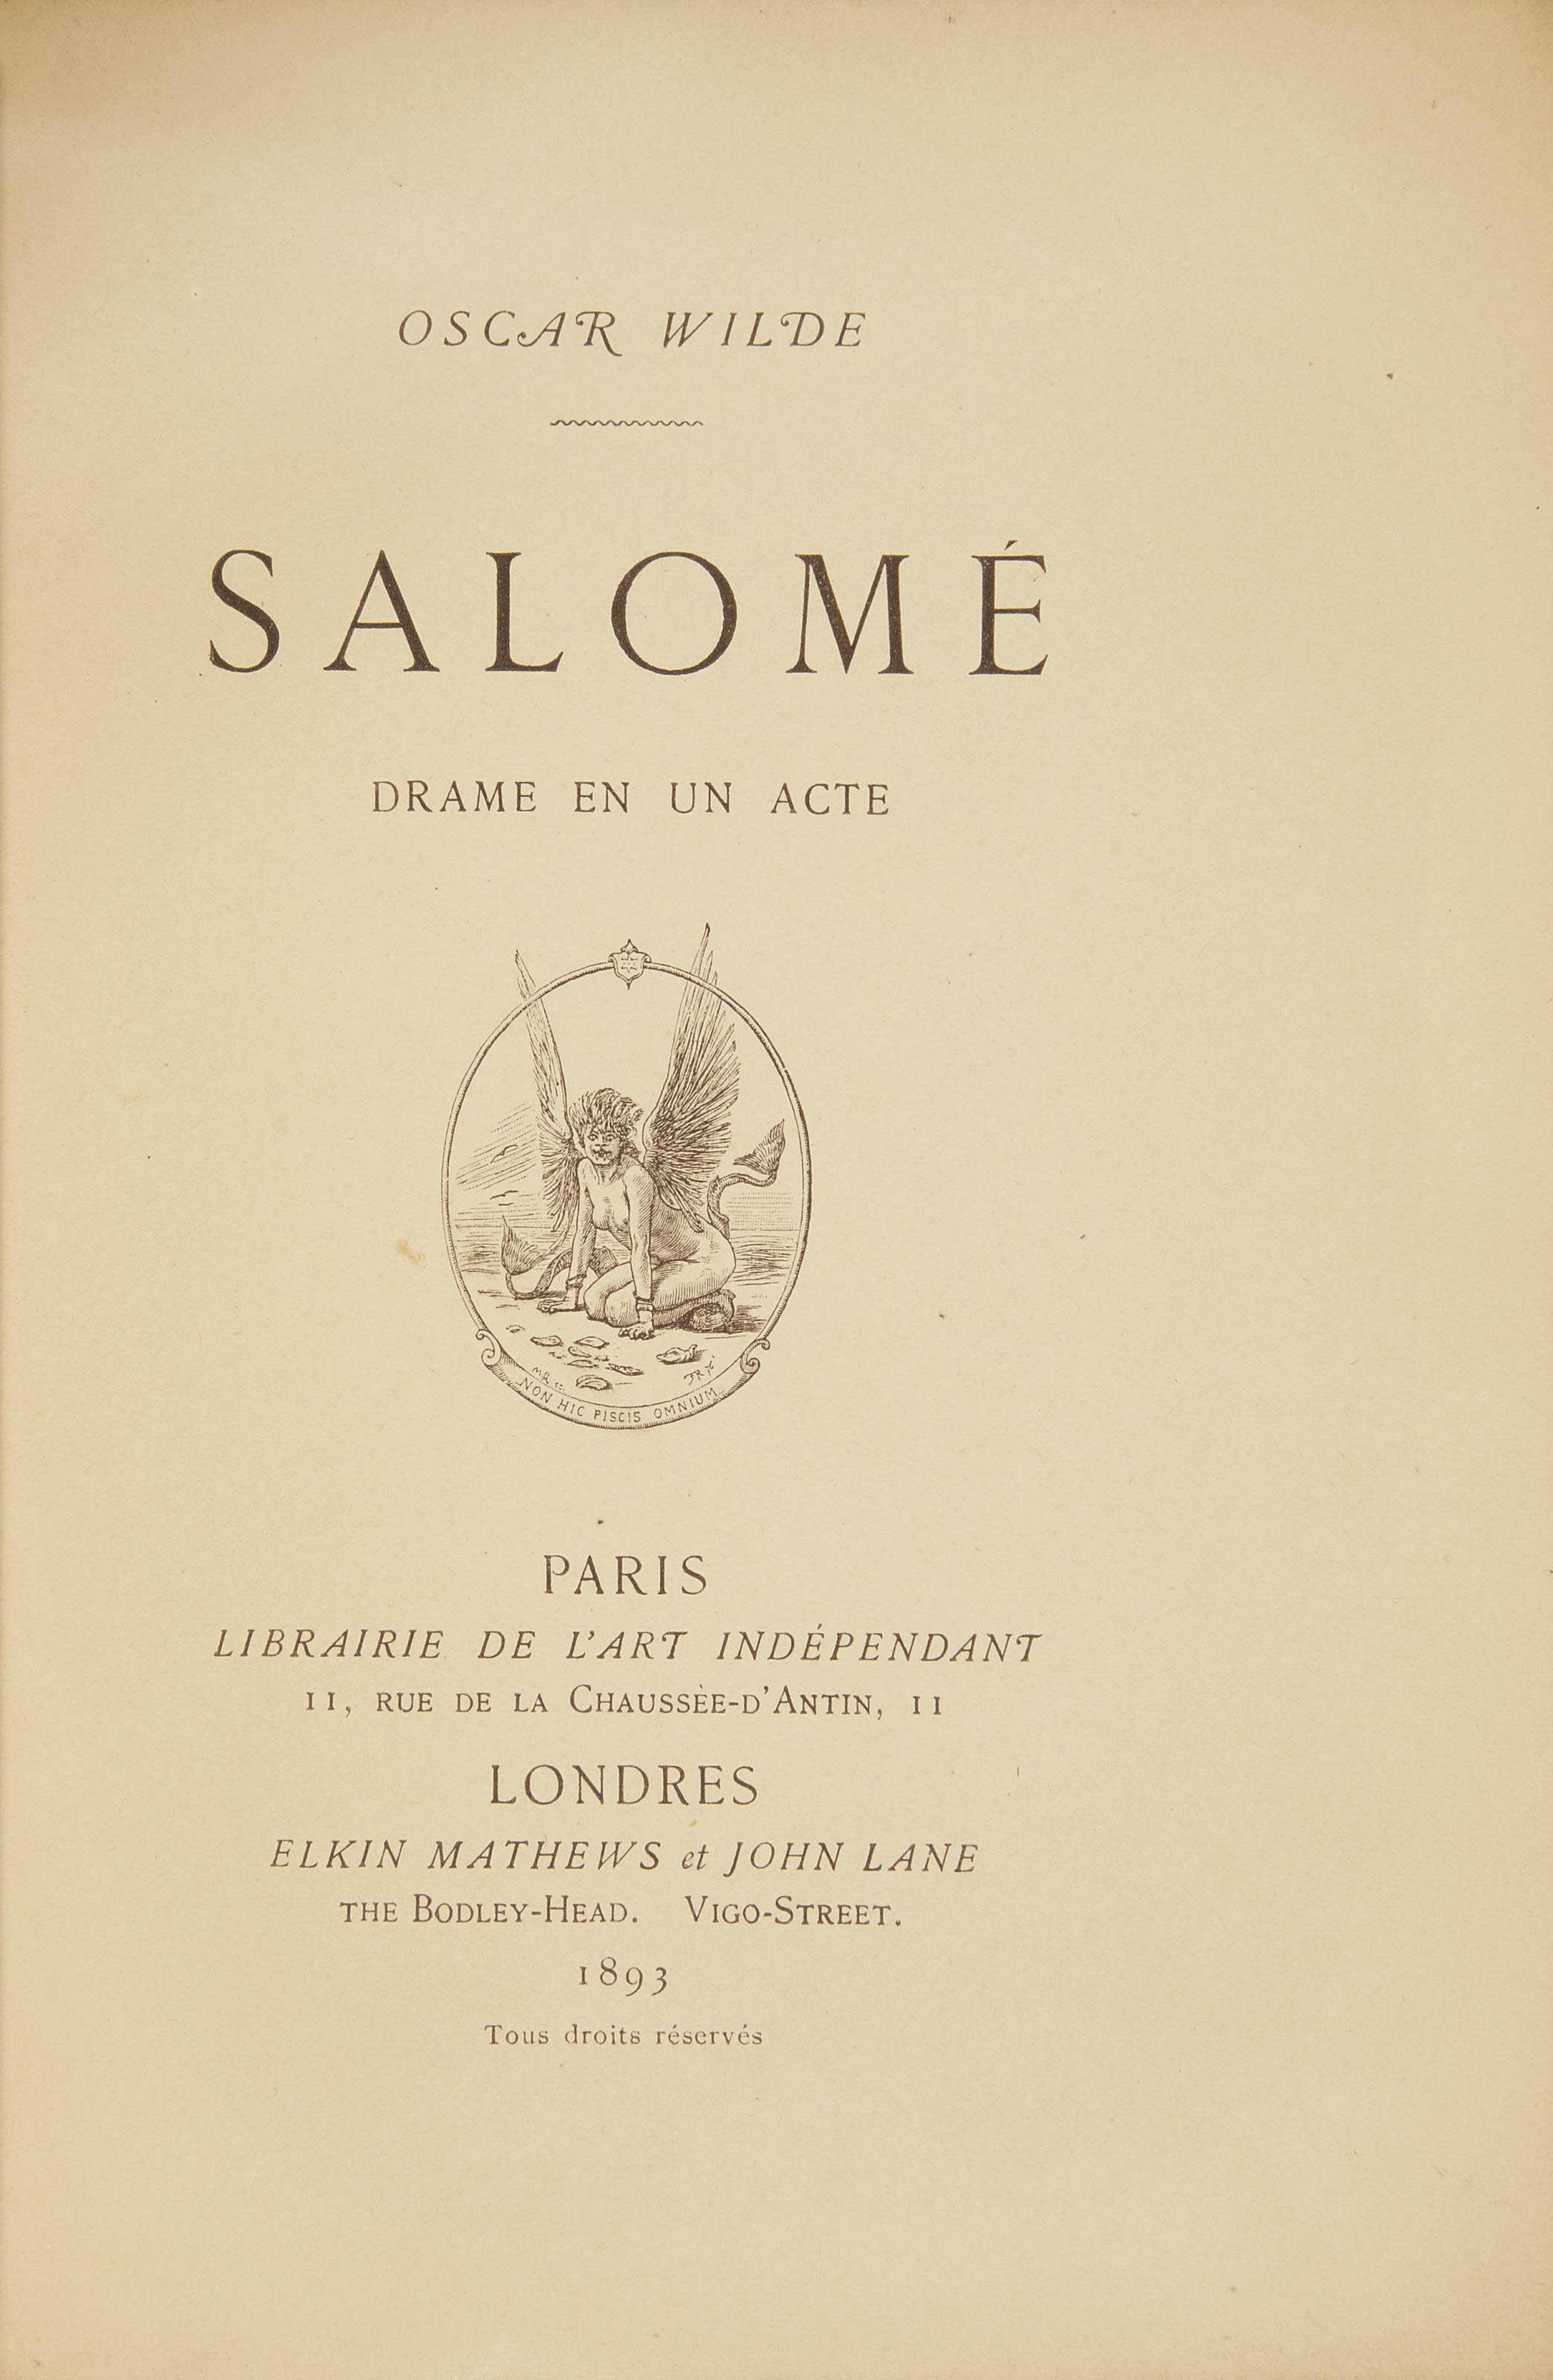 WILDE, Oscar (1854-1900). Salomé. Drame en un acte. Paris: Paul Schmidt pour la Librairie de l'art indépendant, et Londres: Elkin Mathews et John Lane, 1893.